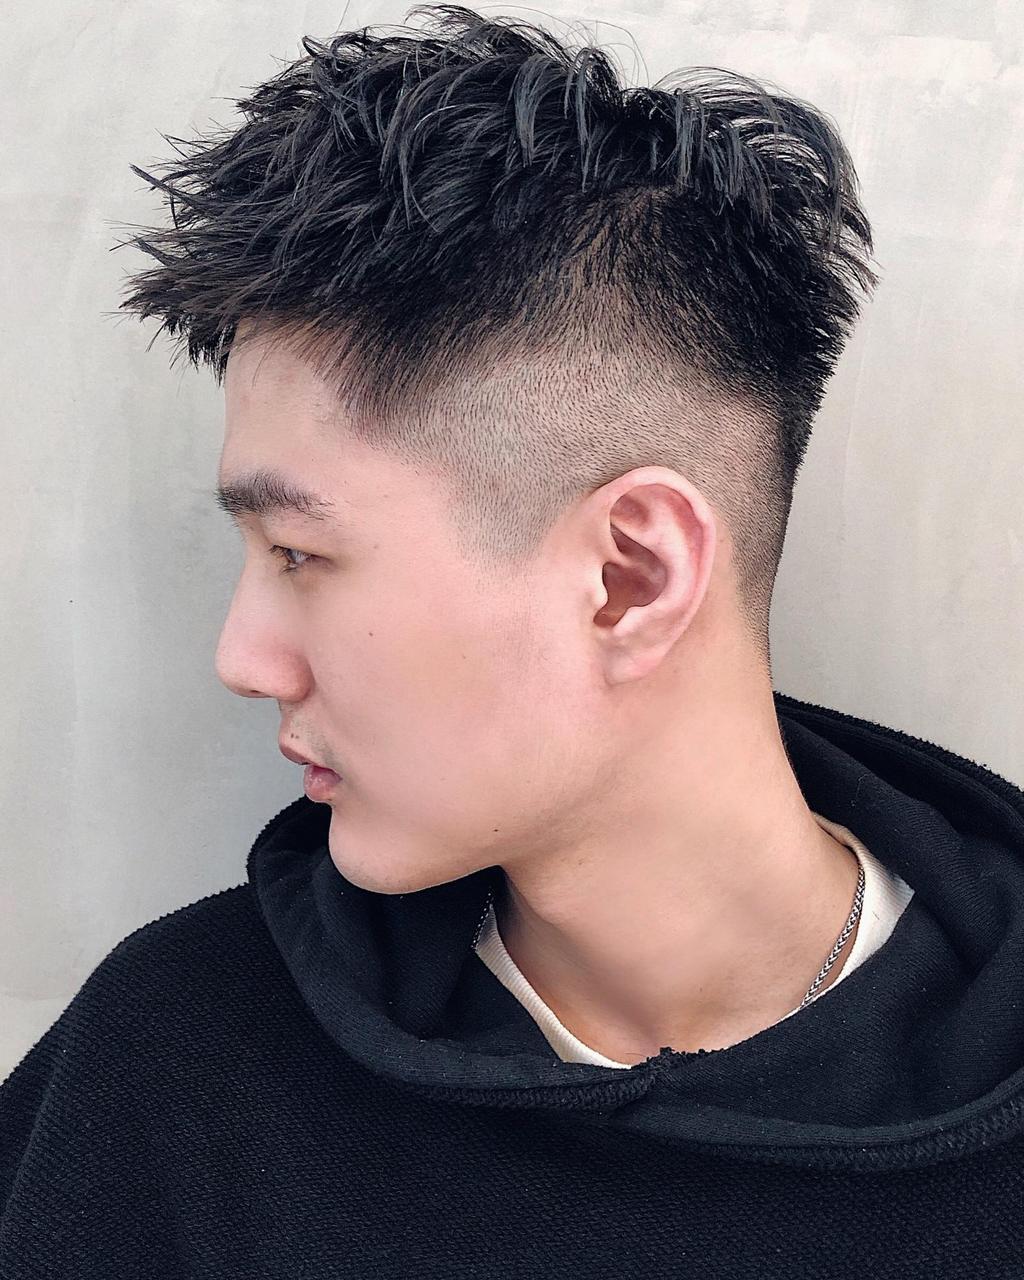 抓點髮蠟造型出層次感,搭配堅毅迷人的側臉輪廓,陽光型男指定必剪